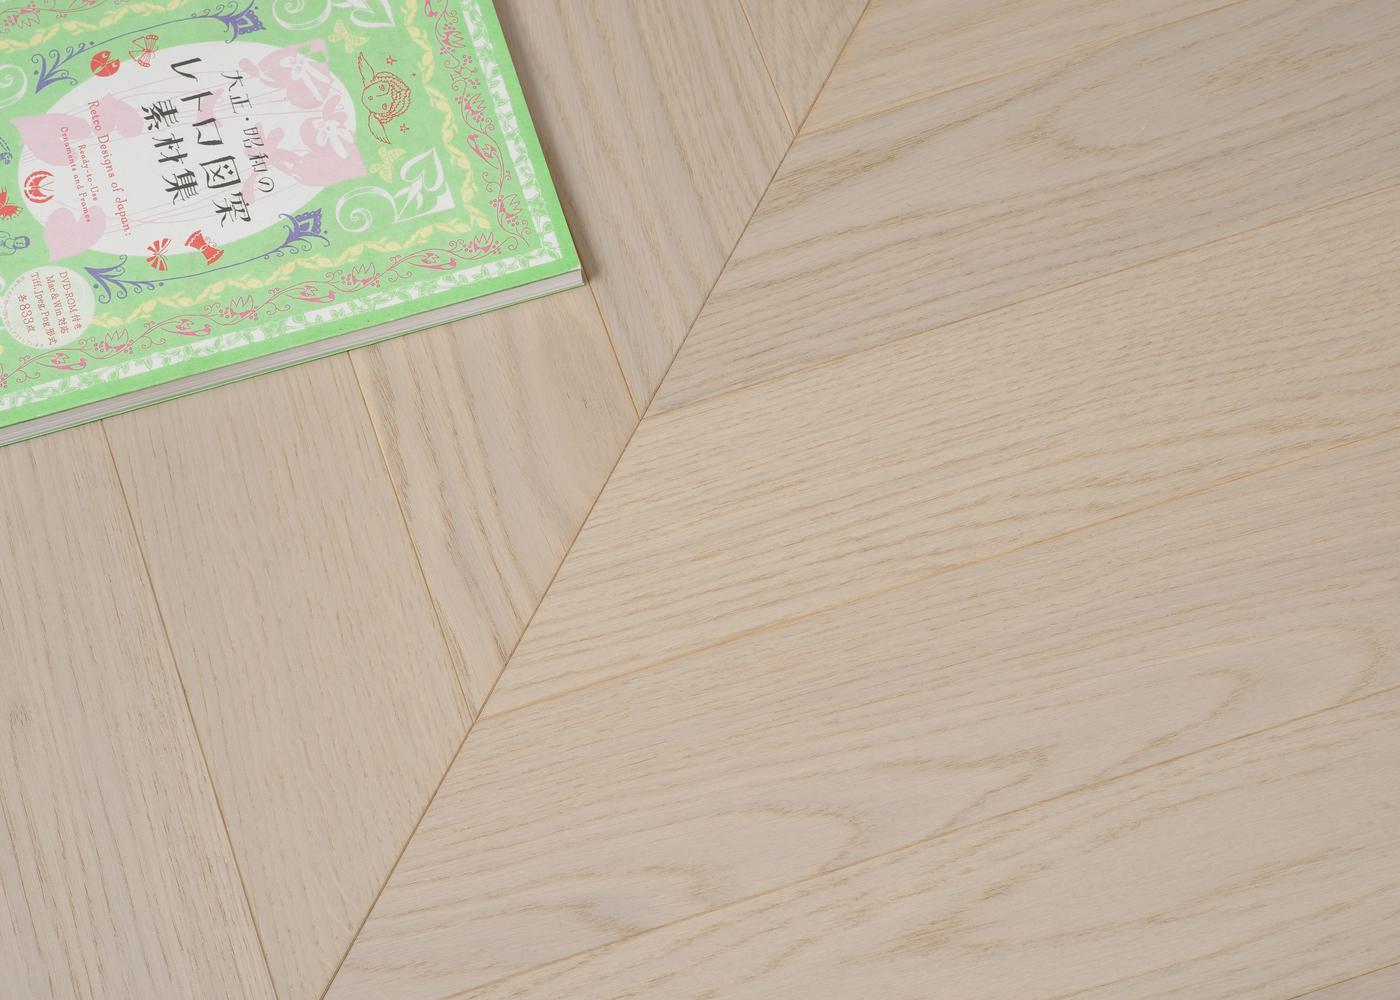 Parquet chêne contrecollé LUCERA Point de Hongrie brossé vernis mat Select support HDF angle 45° 10x92x600